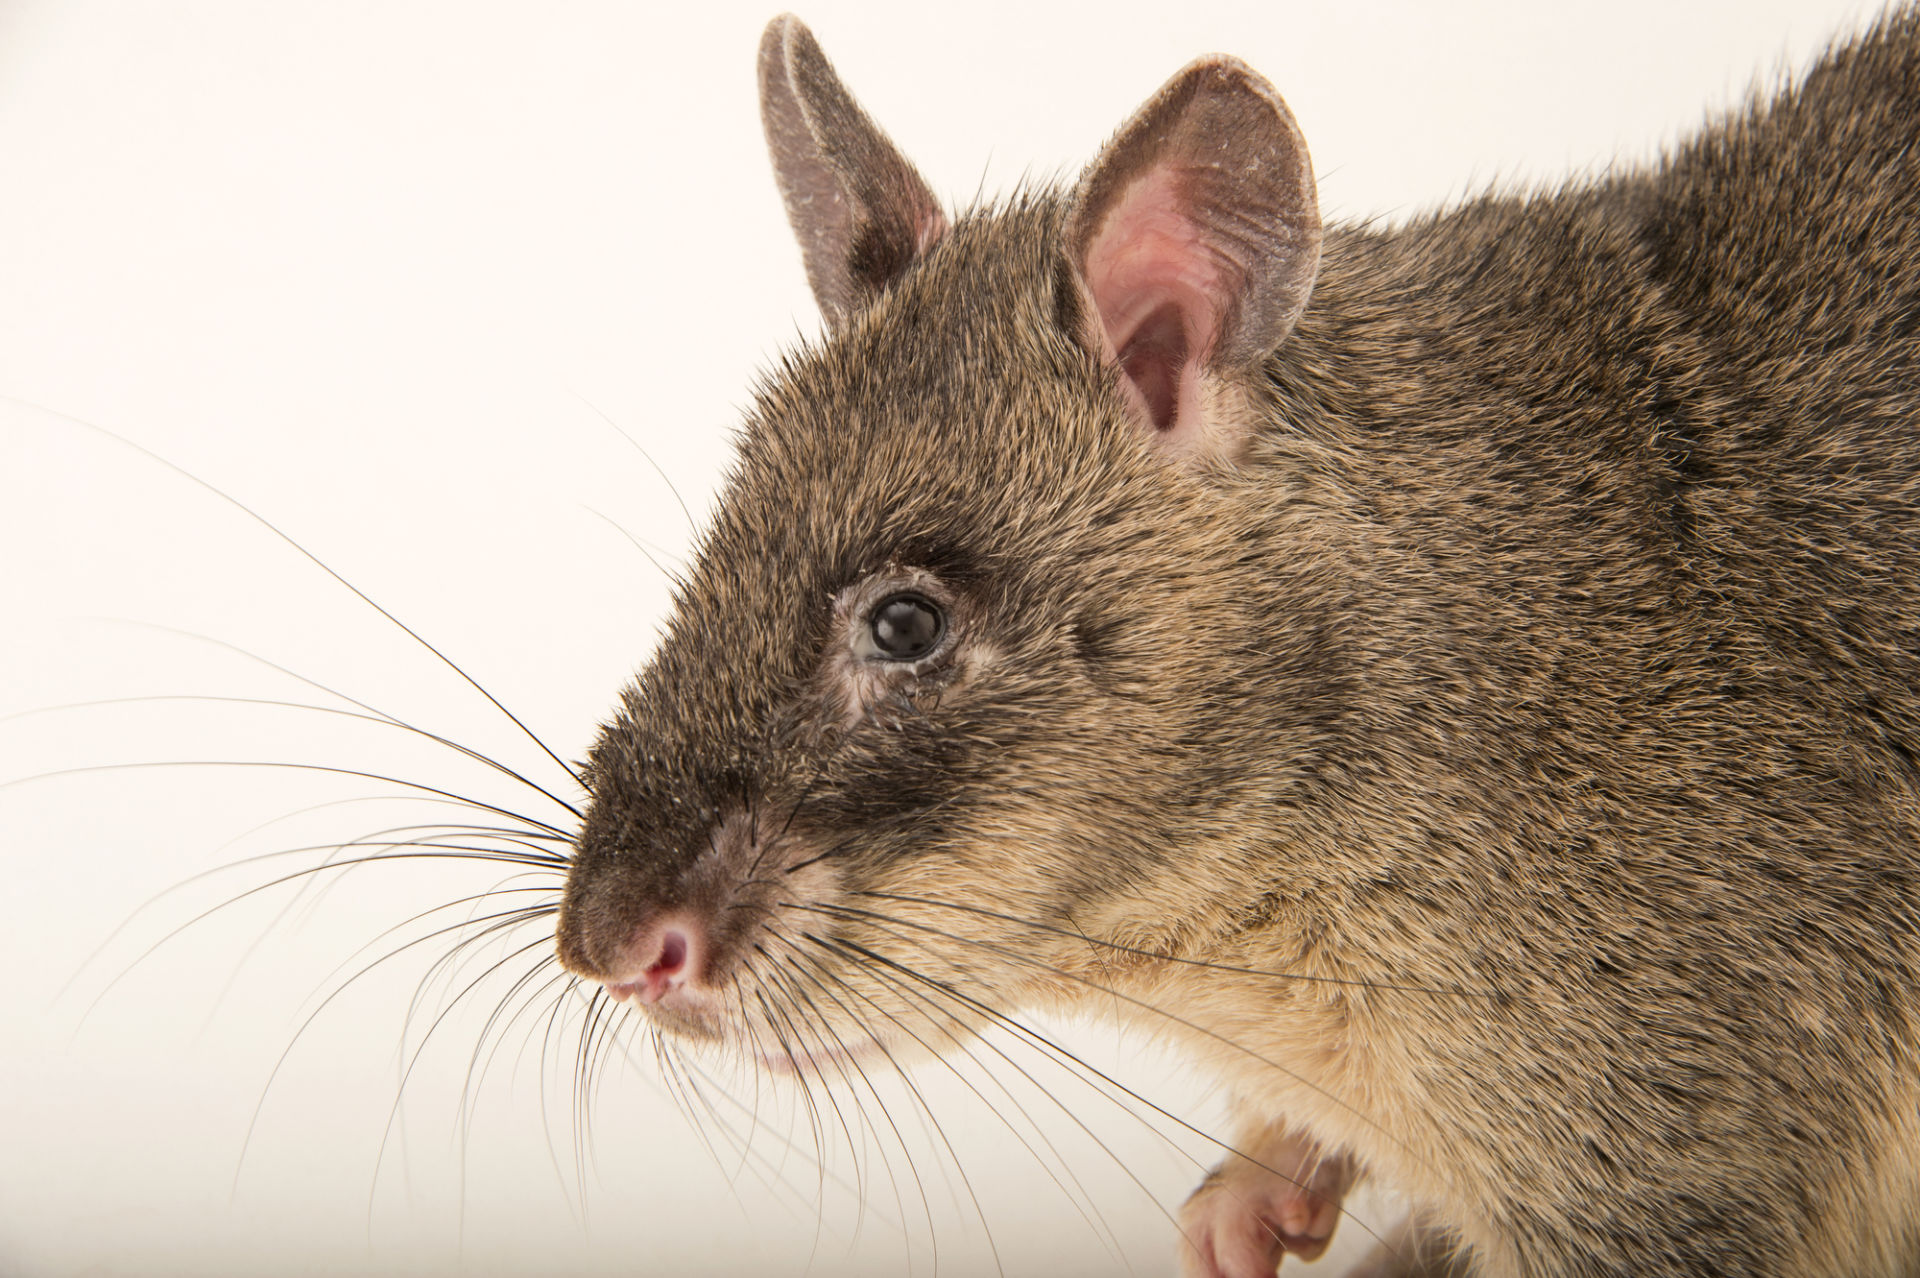 Крыса дамбо. описание, особенности, виды, уход и цена крысы дамбо | живность.ру